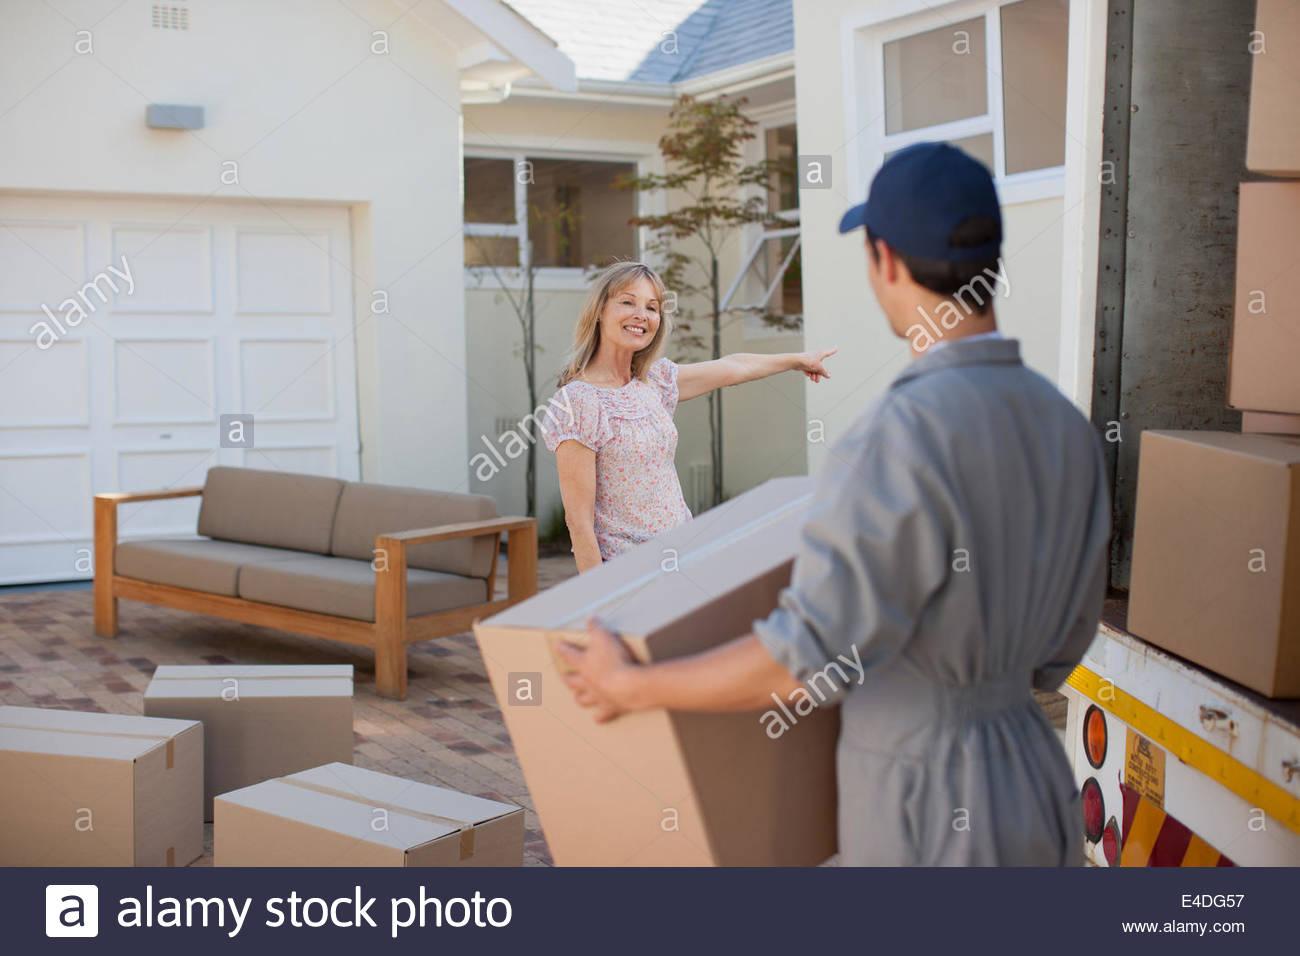 El transportador ayudando mujer mudarse a Nueva Casa Imagen De Stock